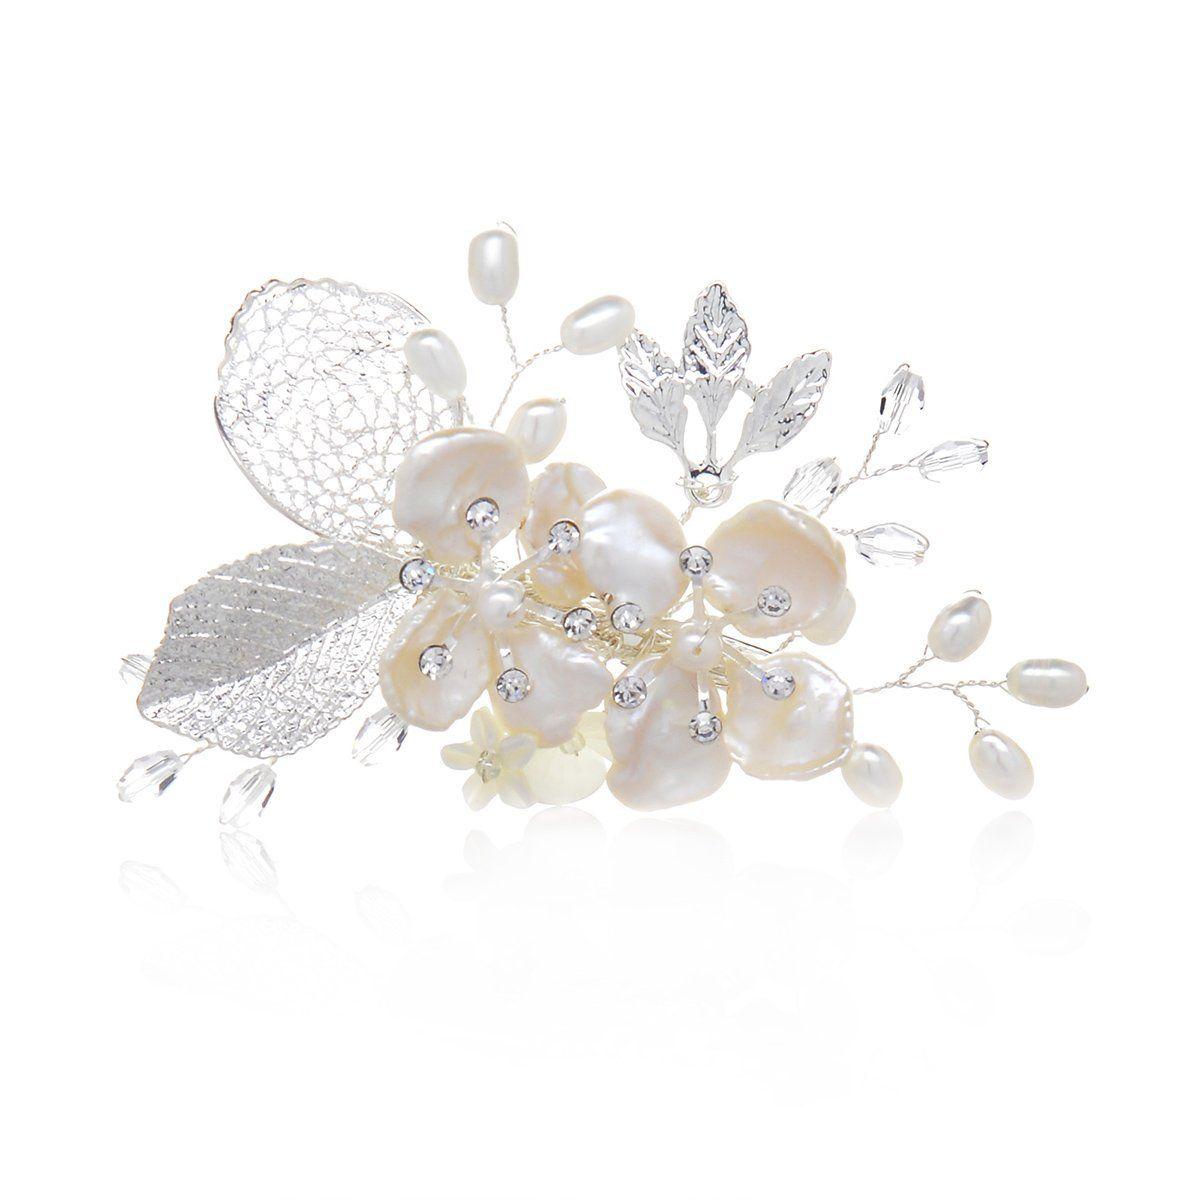 remedios shell flower gold leaf wedding hair clip pearl bridal